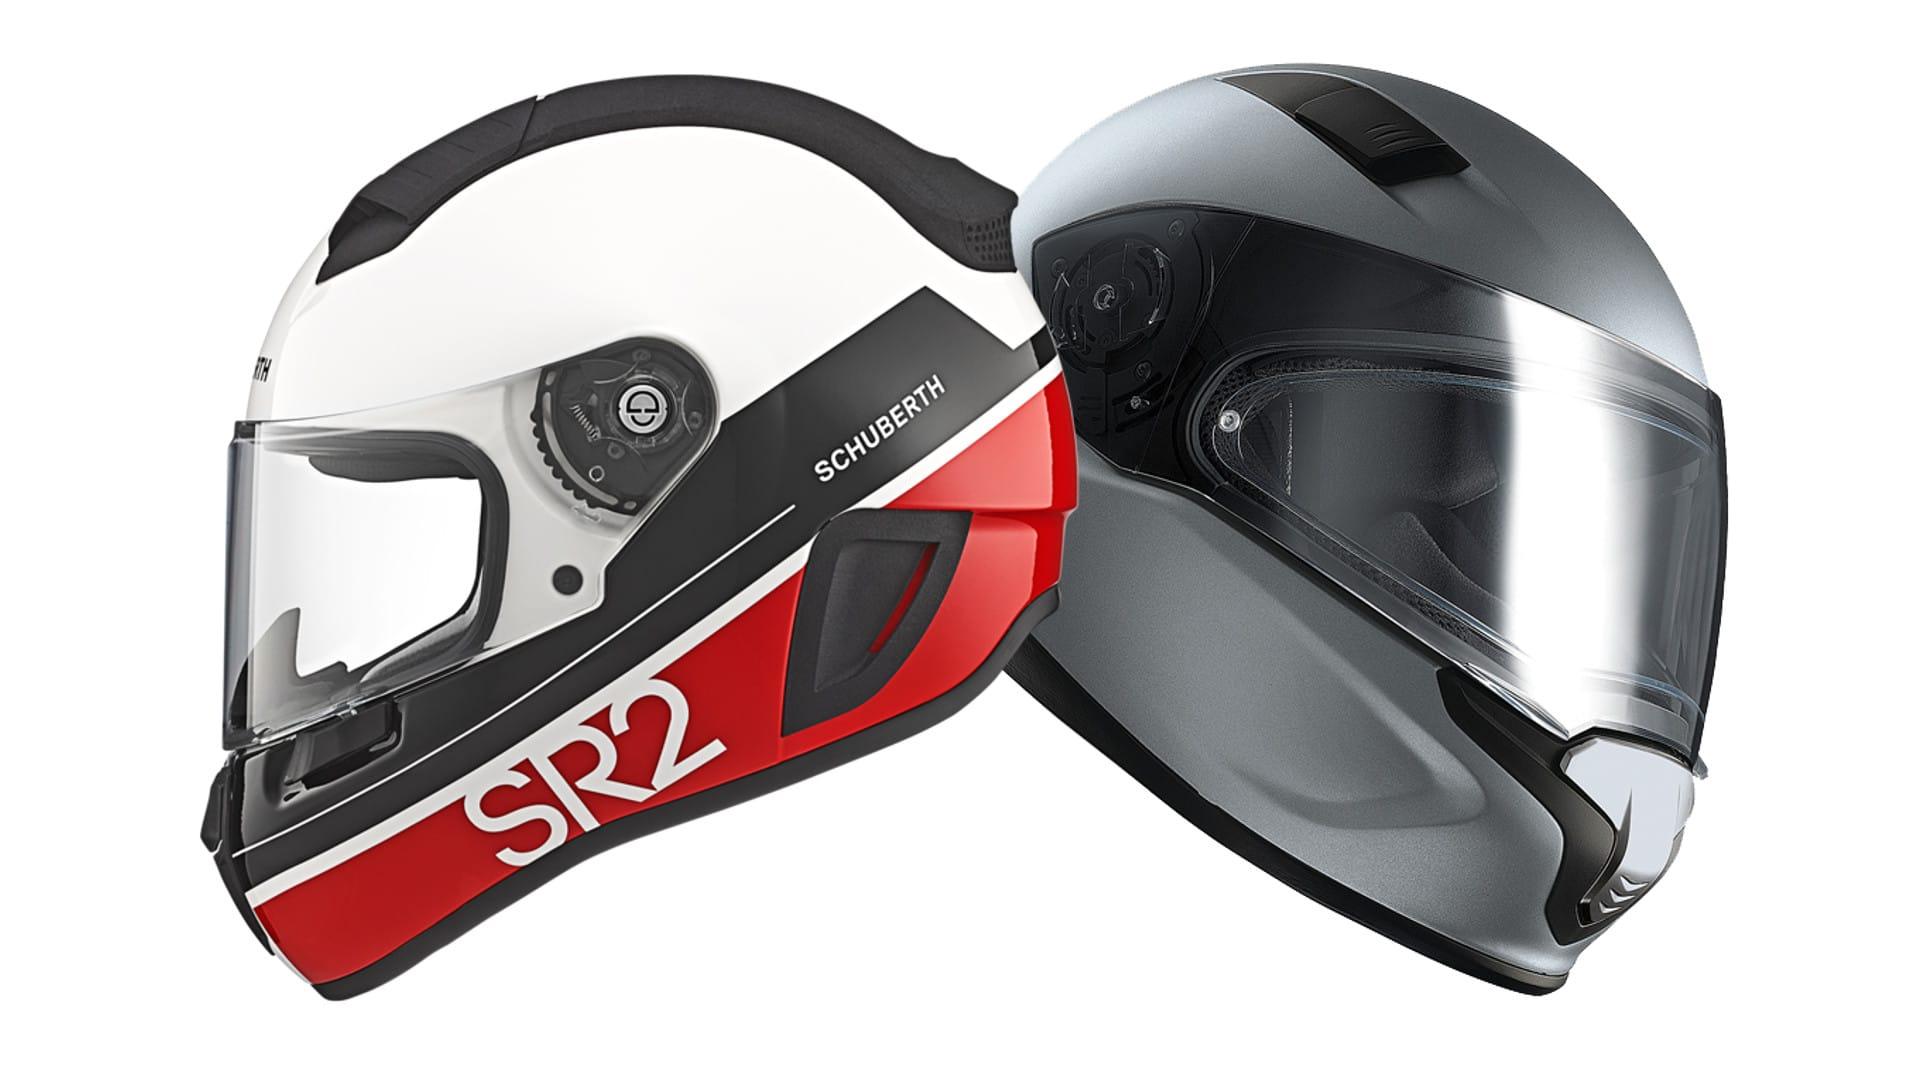 Two European ECE 22.05 standard helmets